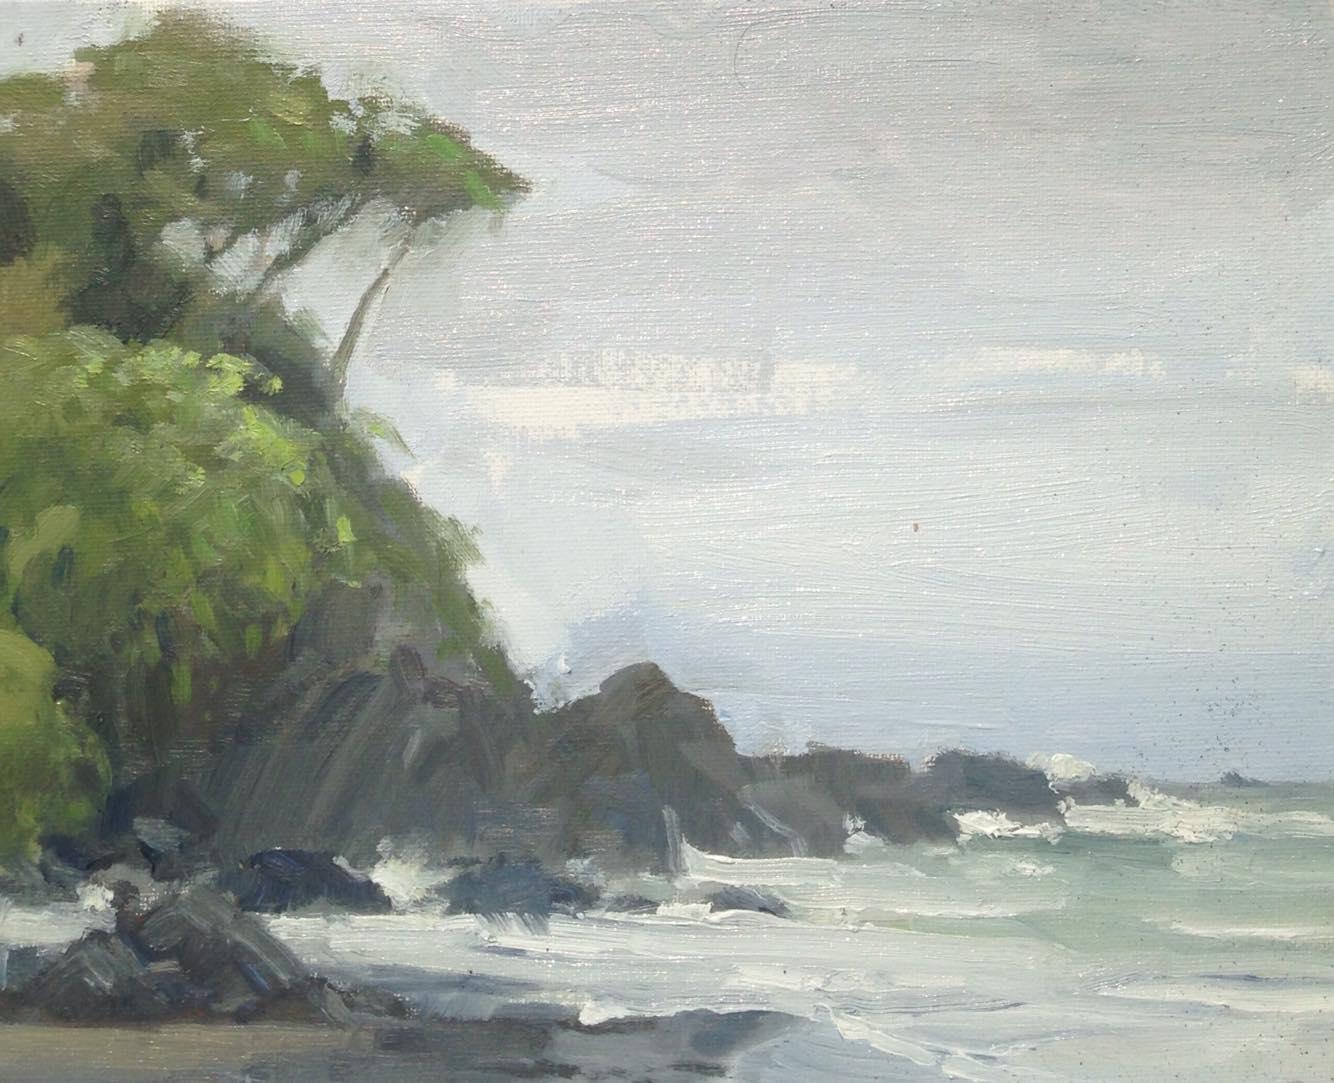 Costa Rica 02-03